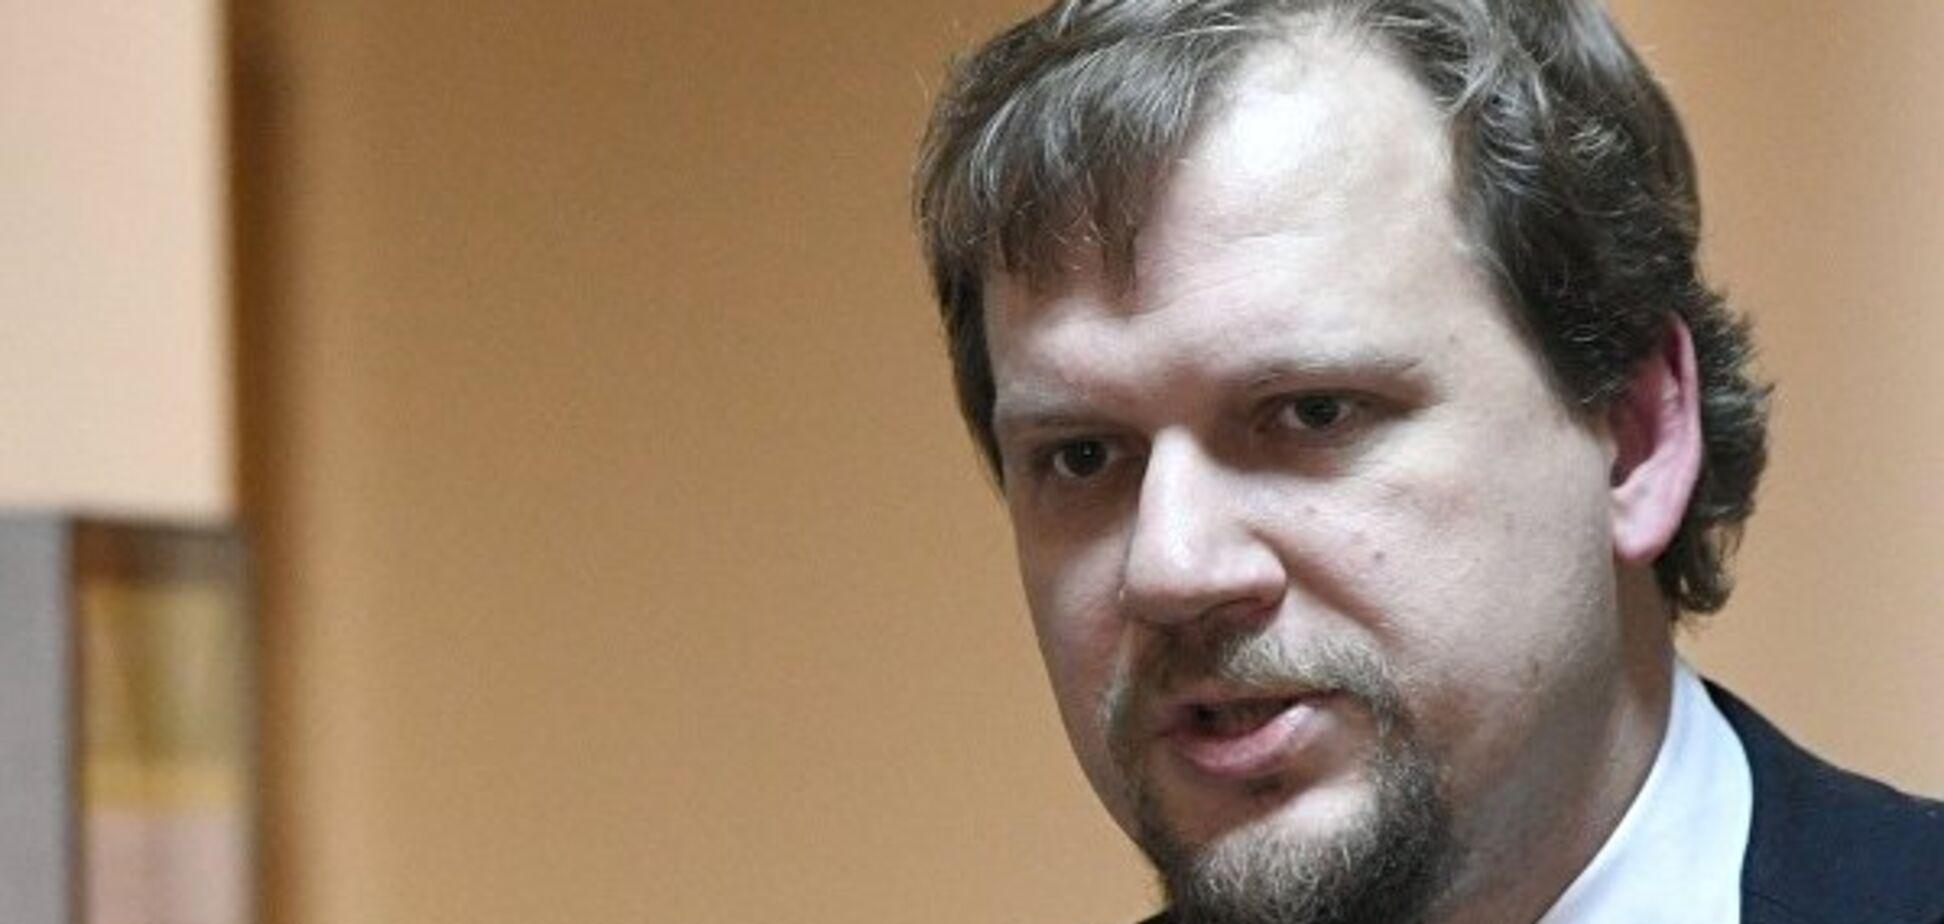 'Україна себе розірве': телеведучий-зрадник оскандалився сепаратистською заявою